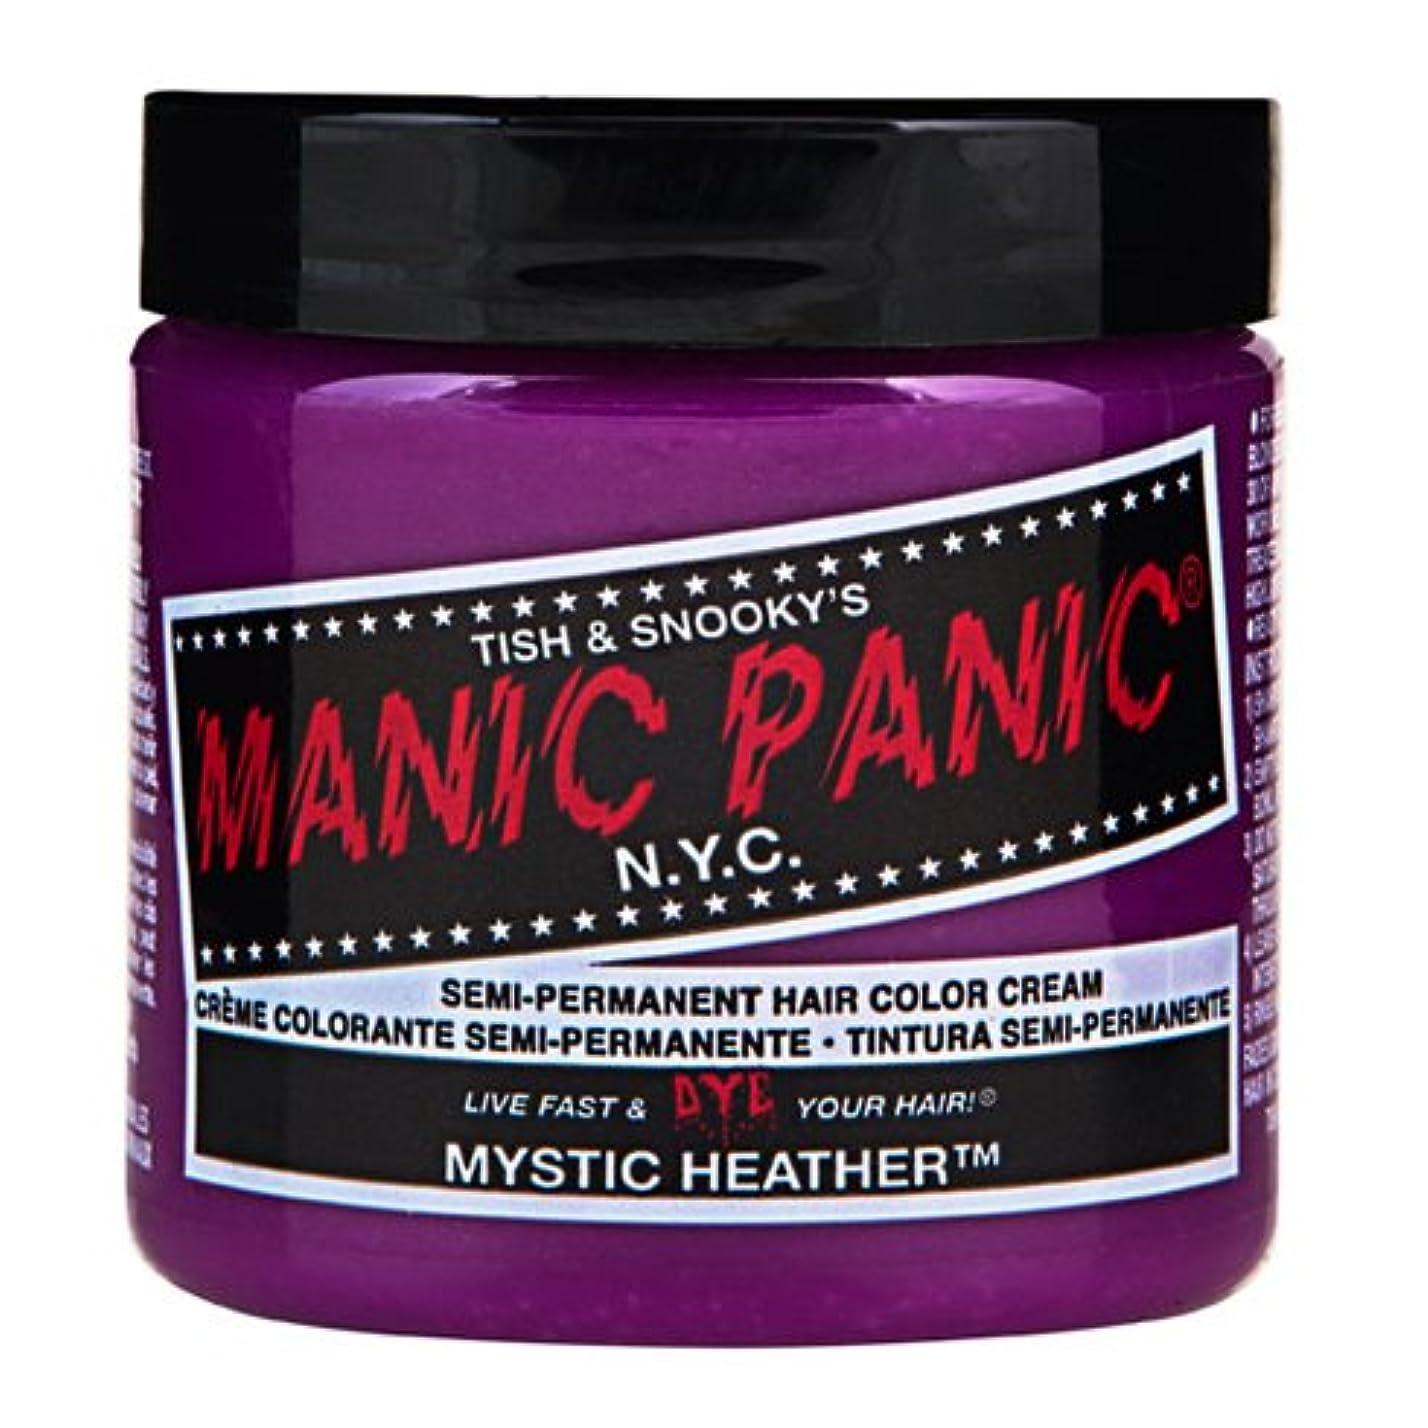 教えて歌手脇にスペシャルセットMANIC PANICマニックパニック:Mystic Heather (ミスティック ヘザー)+ヘアカラーケア4点セット